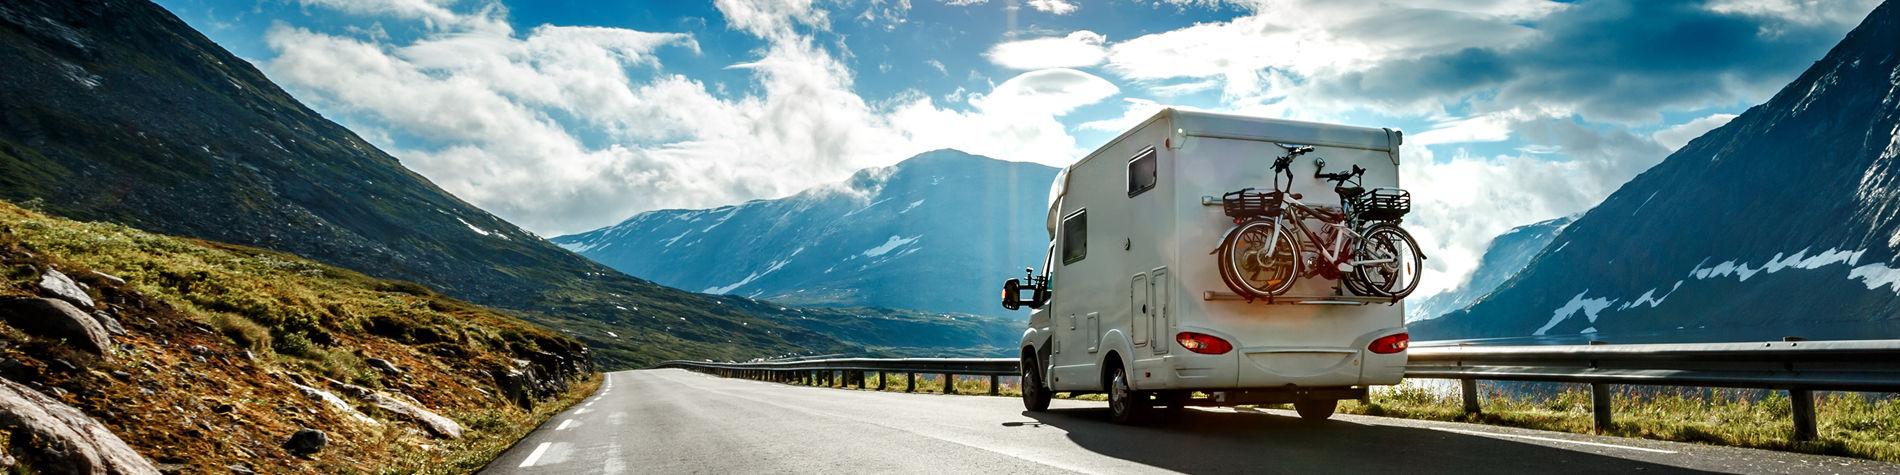 Wohnmobil-Versicherung - TCS Schweiz